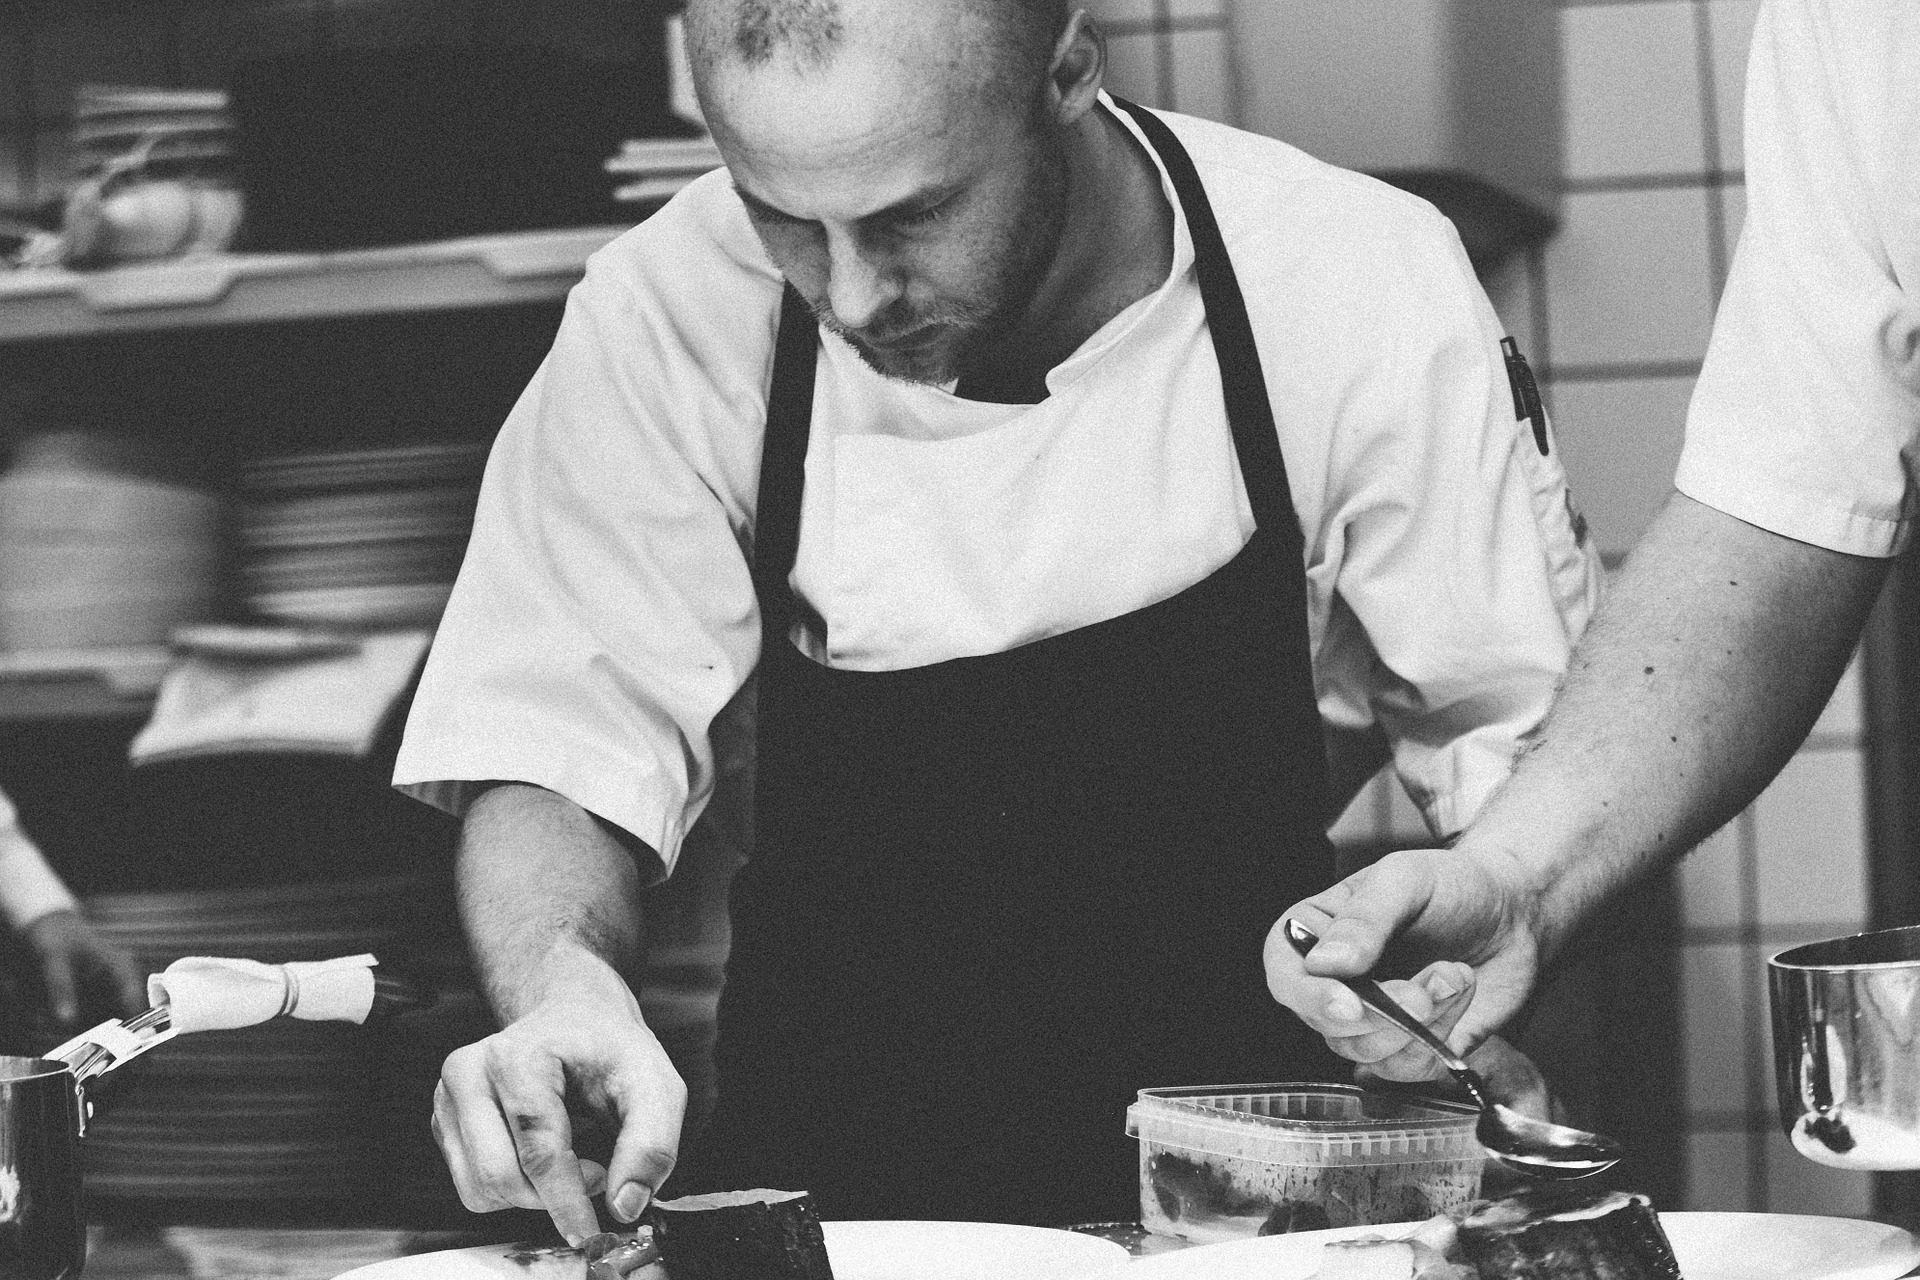 Professionelle køkkener mangler ernæringsfaglige